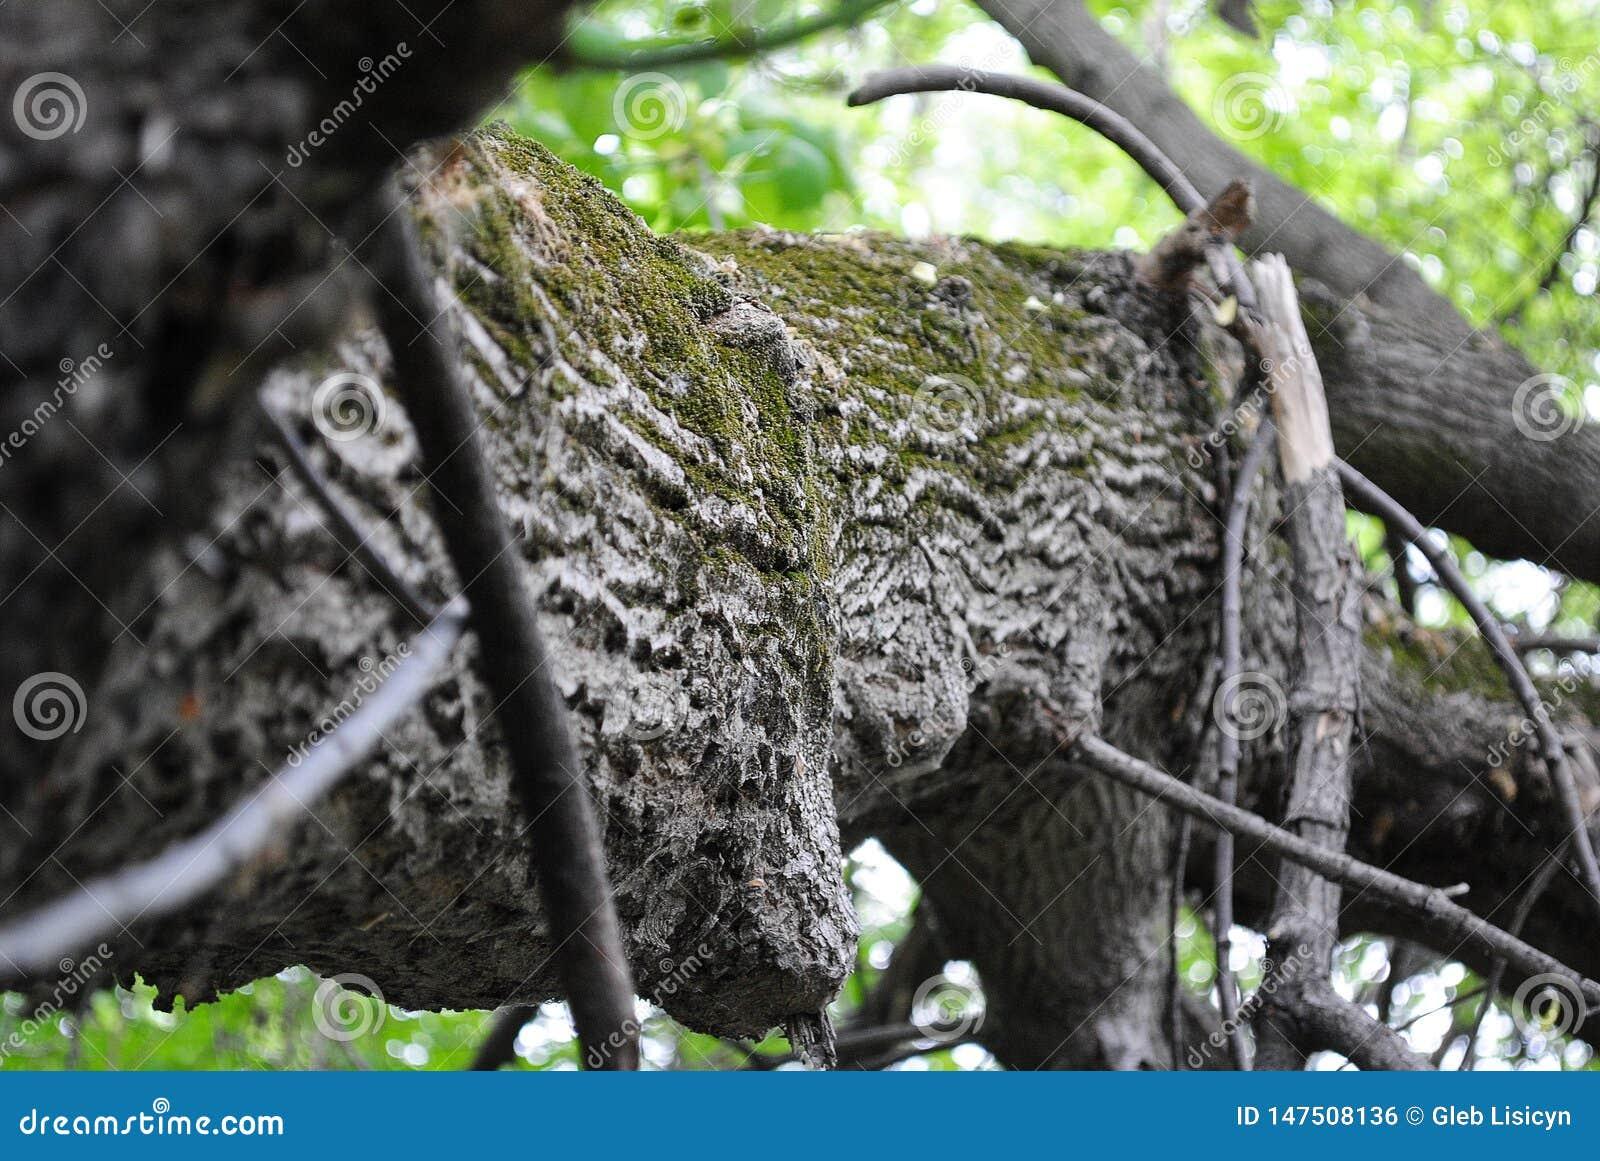 Muschio verde sulla corteccia di un albero